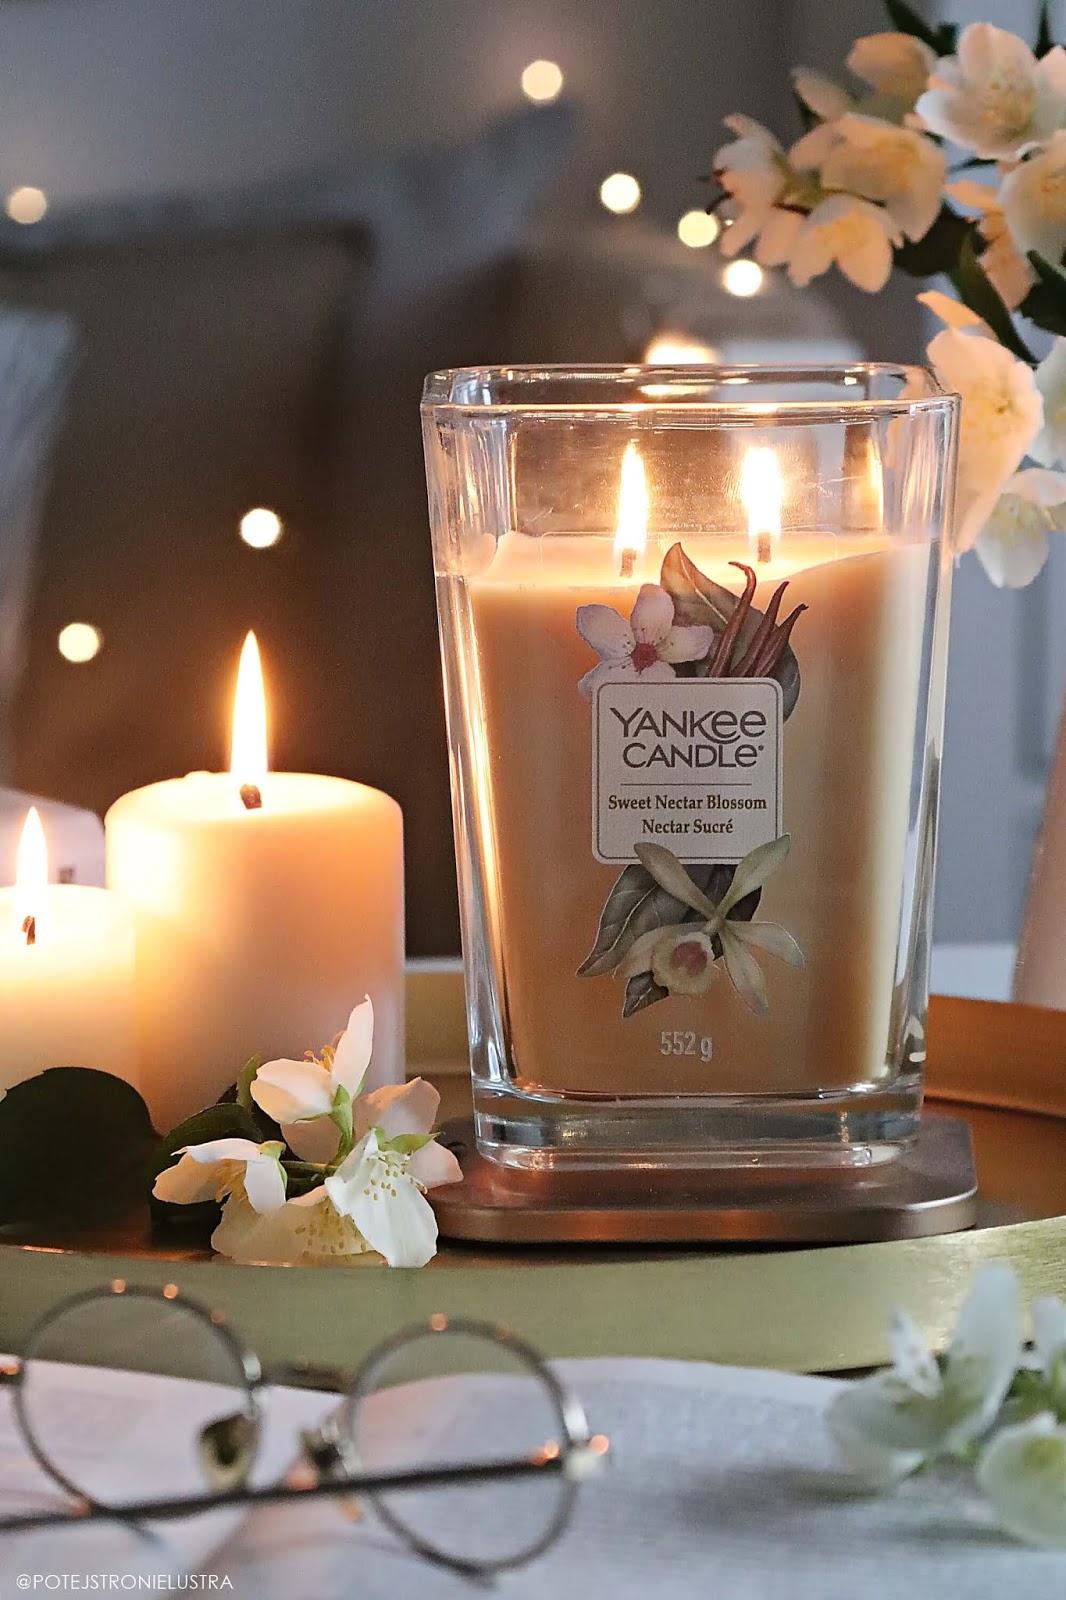 yankee candle sweet nectar blossom recenzja na blogu